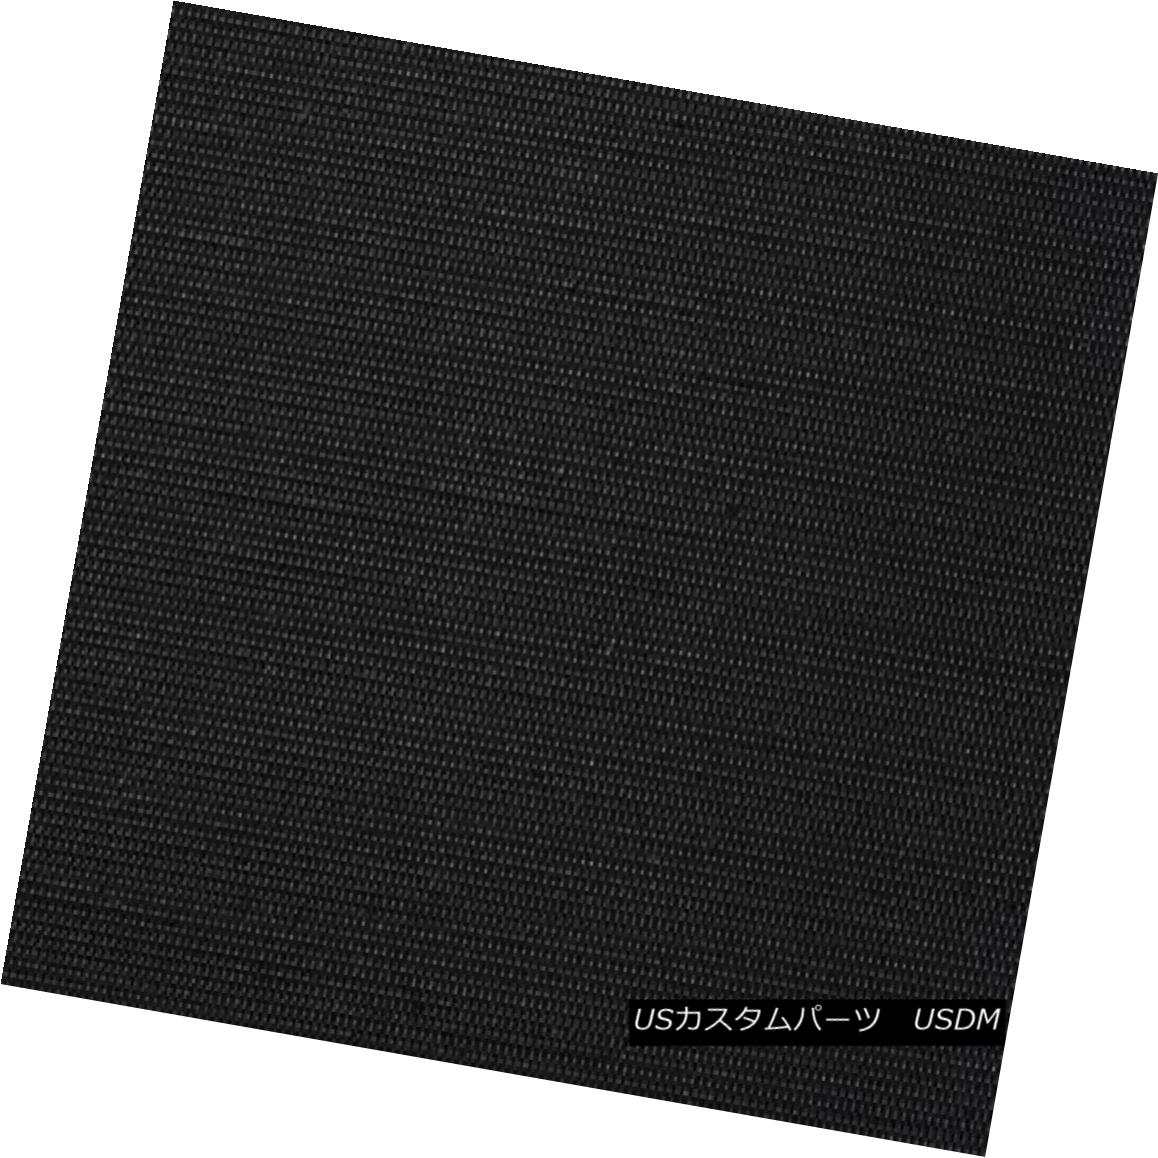 幌・ソフトトップ Bestop 55729-15 Supertop Soft Top Replacement Skin Fits 76-95 CJ7 Wrangler (YJ) Bestop 55729-15スーパートップソフトリプレイスメントスキンフィット76-95 CJ7 Wrangler(YJ)